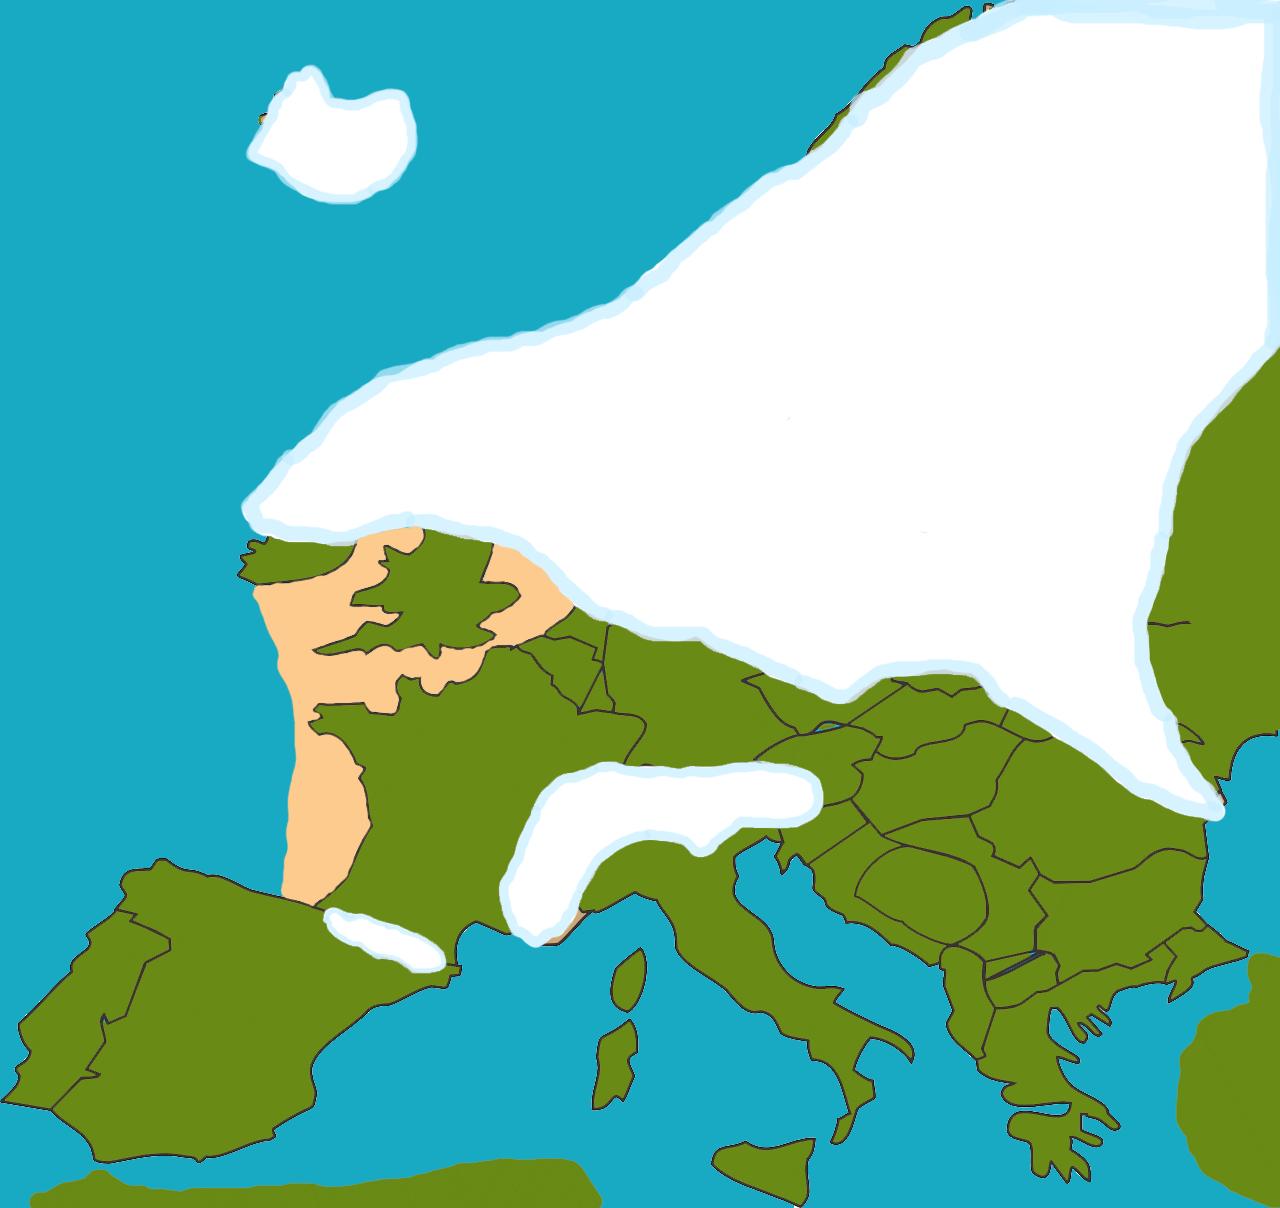 Voorlaatste ijstijd Het Saalien. Het ijs kwam tot aan midden Nederland en de Noordzee was droog komen te liggen omdat de grote ijsmassa het water uit de Noordzee wegtrok.